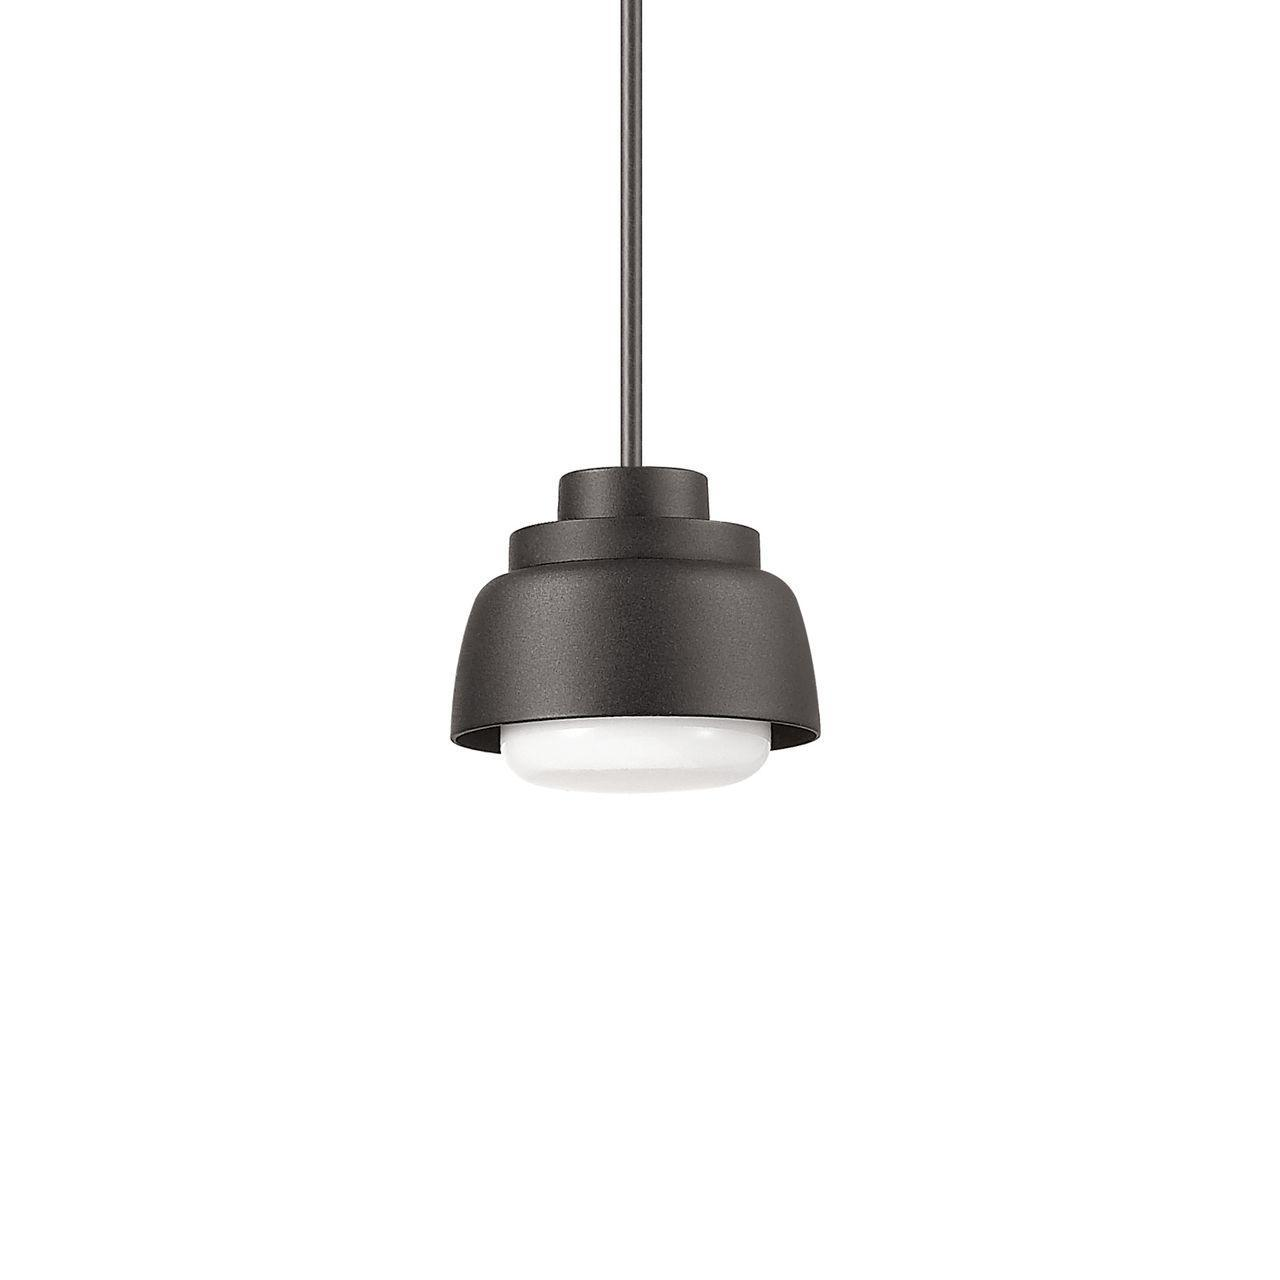 Уличный подвесной светодиодный светильник Ideal Lux Marmalade SP1 Nero